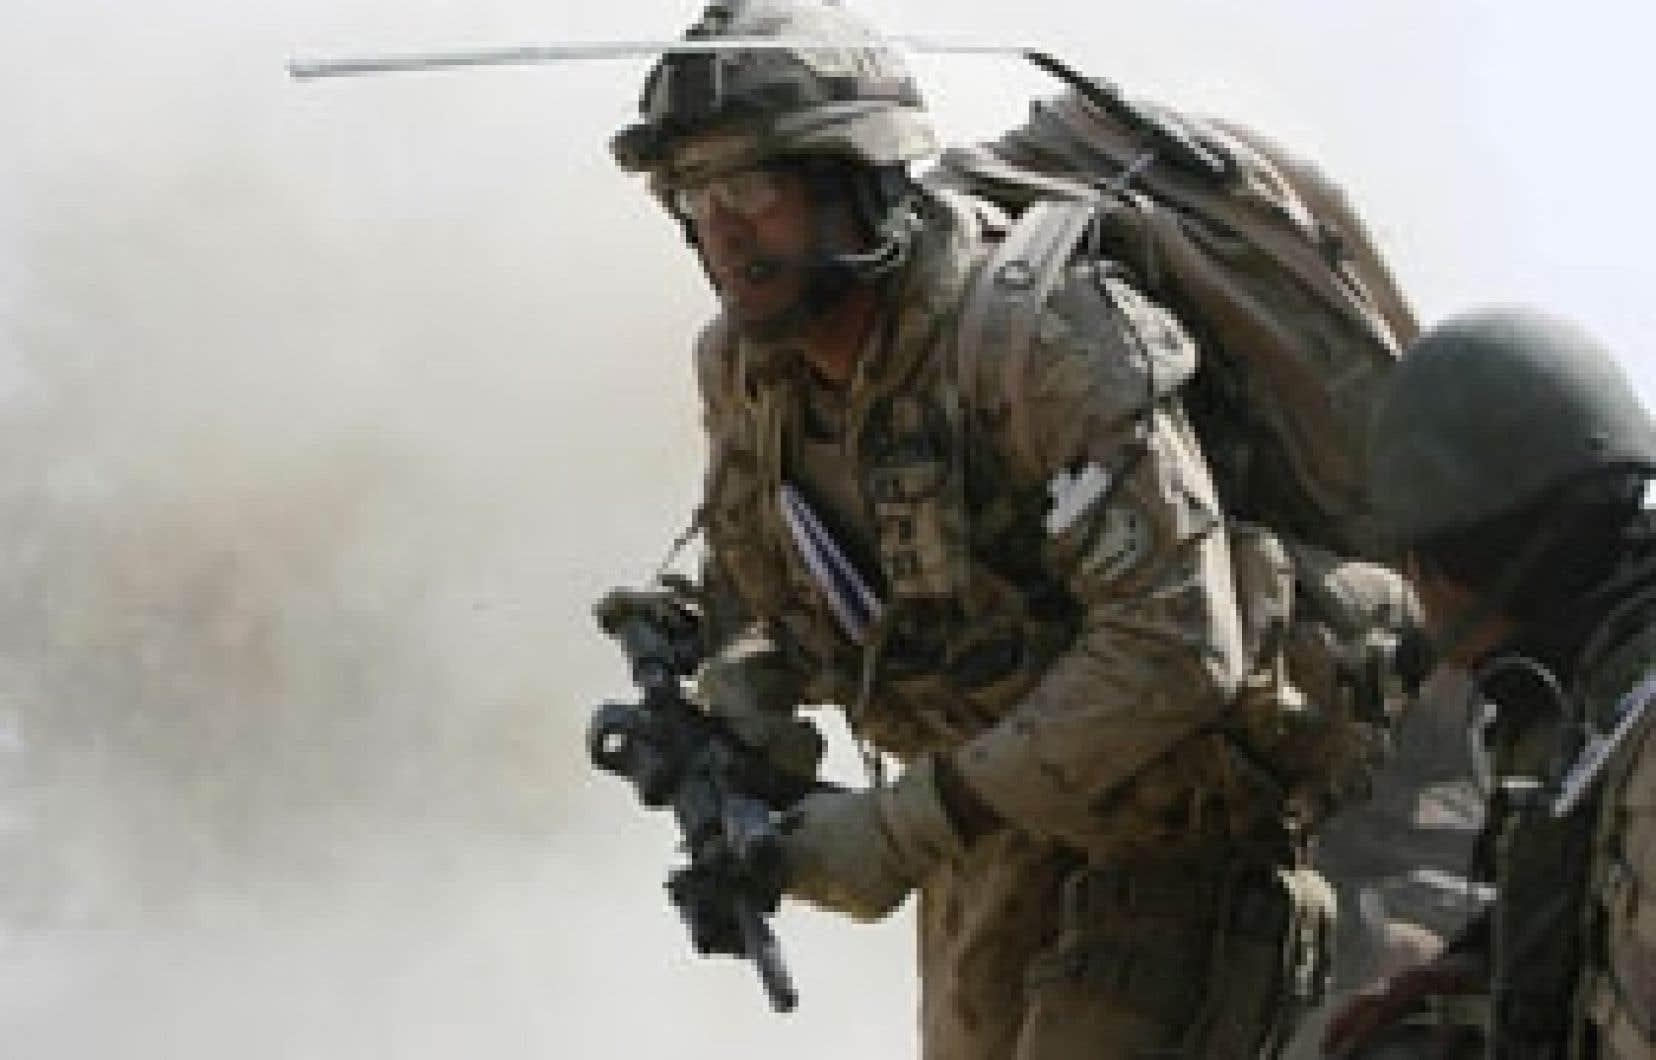 Avec 106 soldats morts, des centaines de blessés et une facture estimée à 18,3 milliards, le Canada semble s'être résigné à une longue et coûteuse mission.